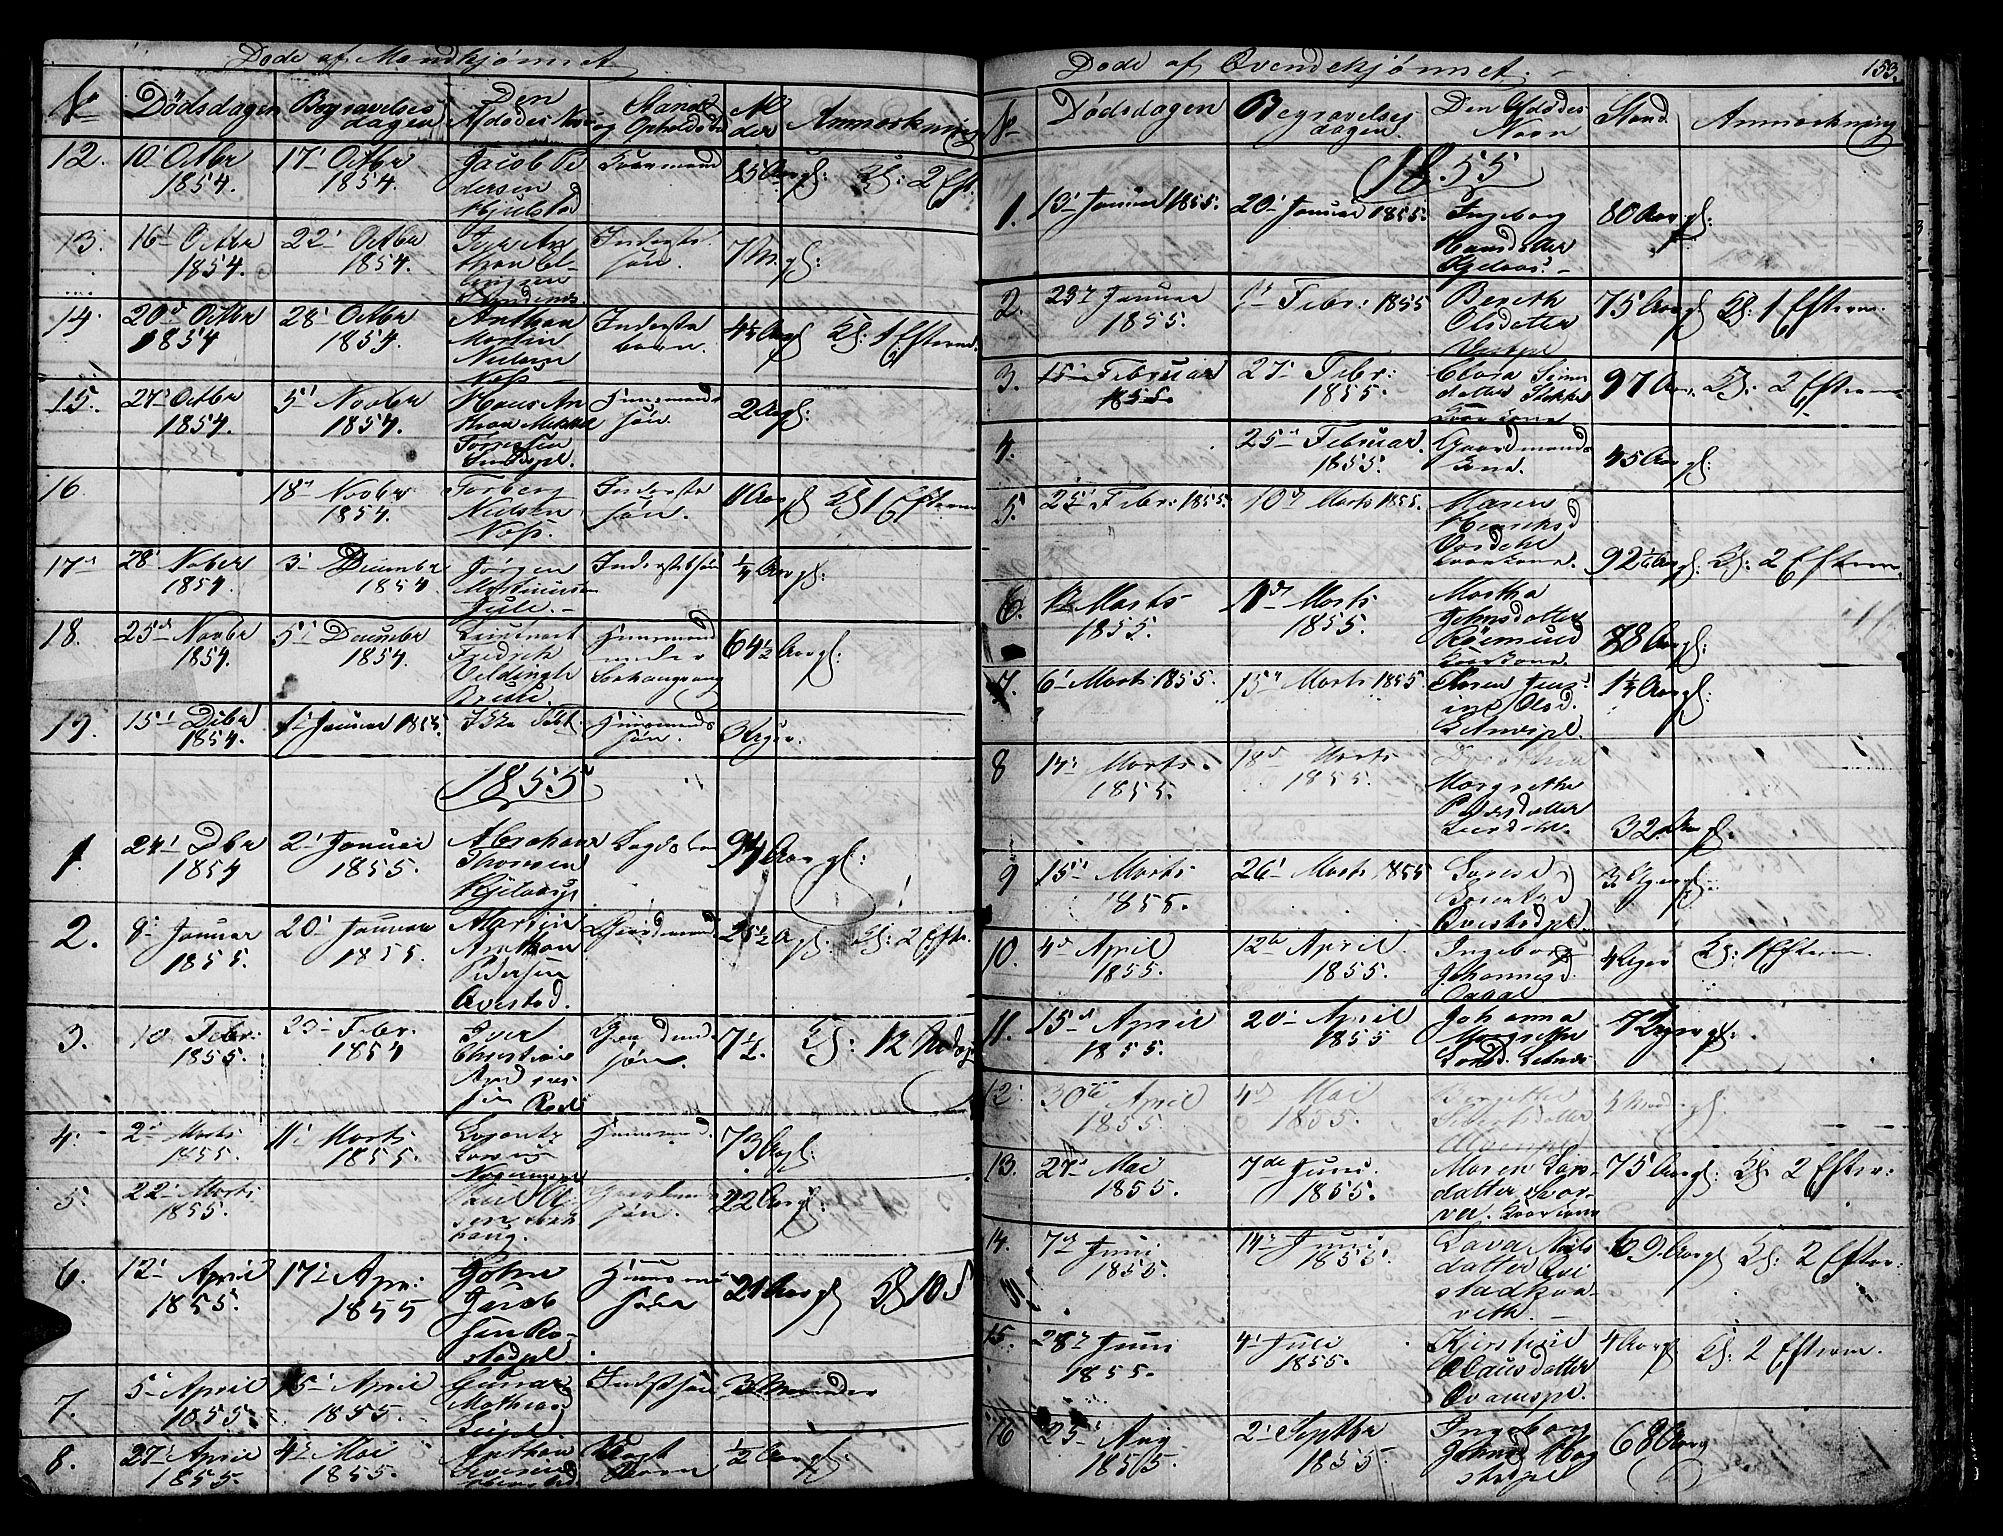 SAT, Ministerialprotokoller, klokkerbøker og fødselsregistre - Nord-Trøndelag, 730/L0299: Klokkerbok nr. 730C02, 1849-1871, s. 153